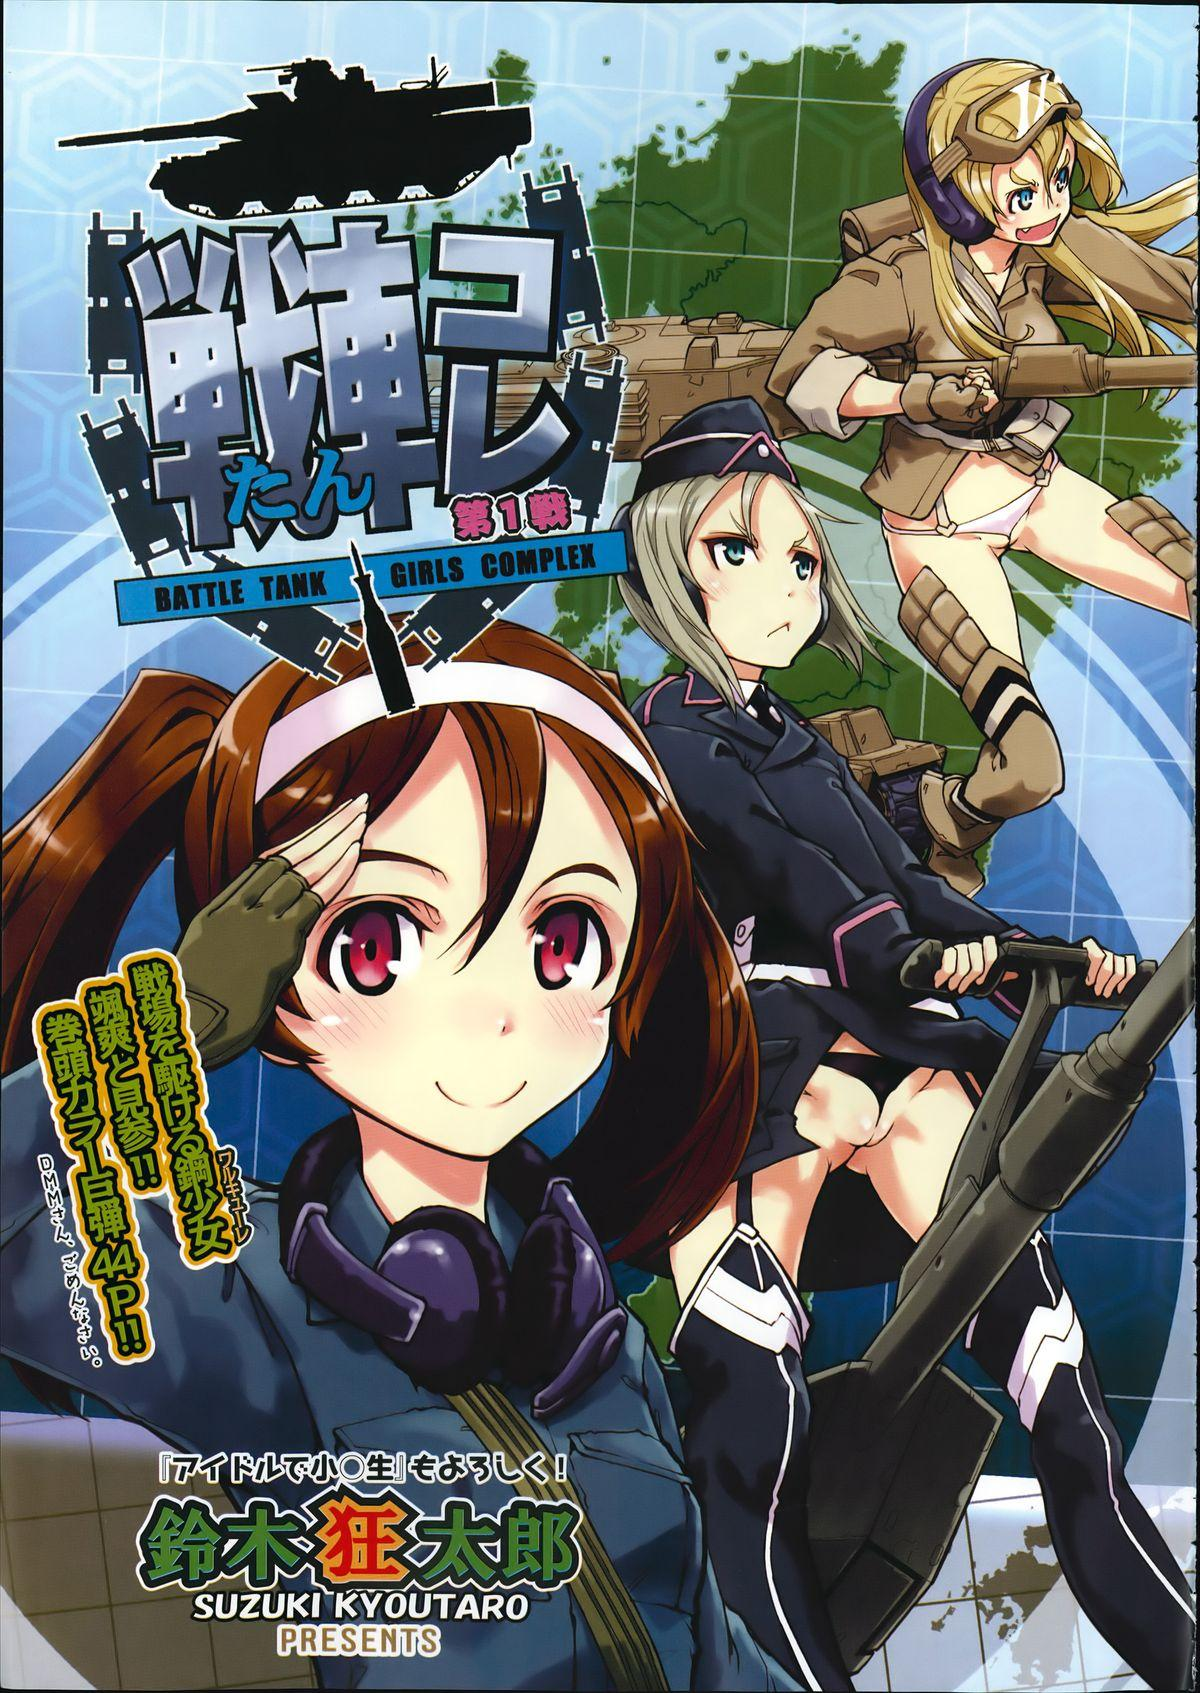 Battle Tank Girls Complex Ch.1-5 2